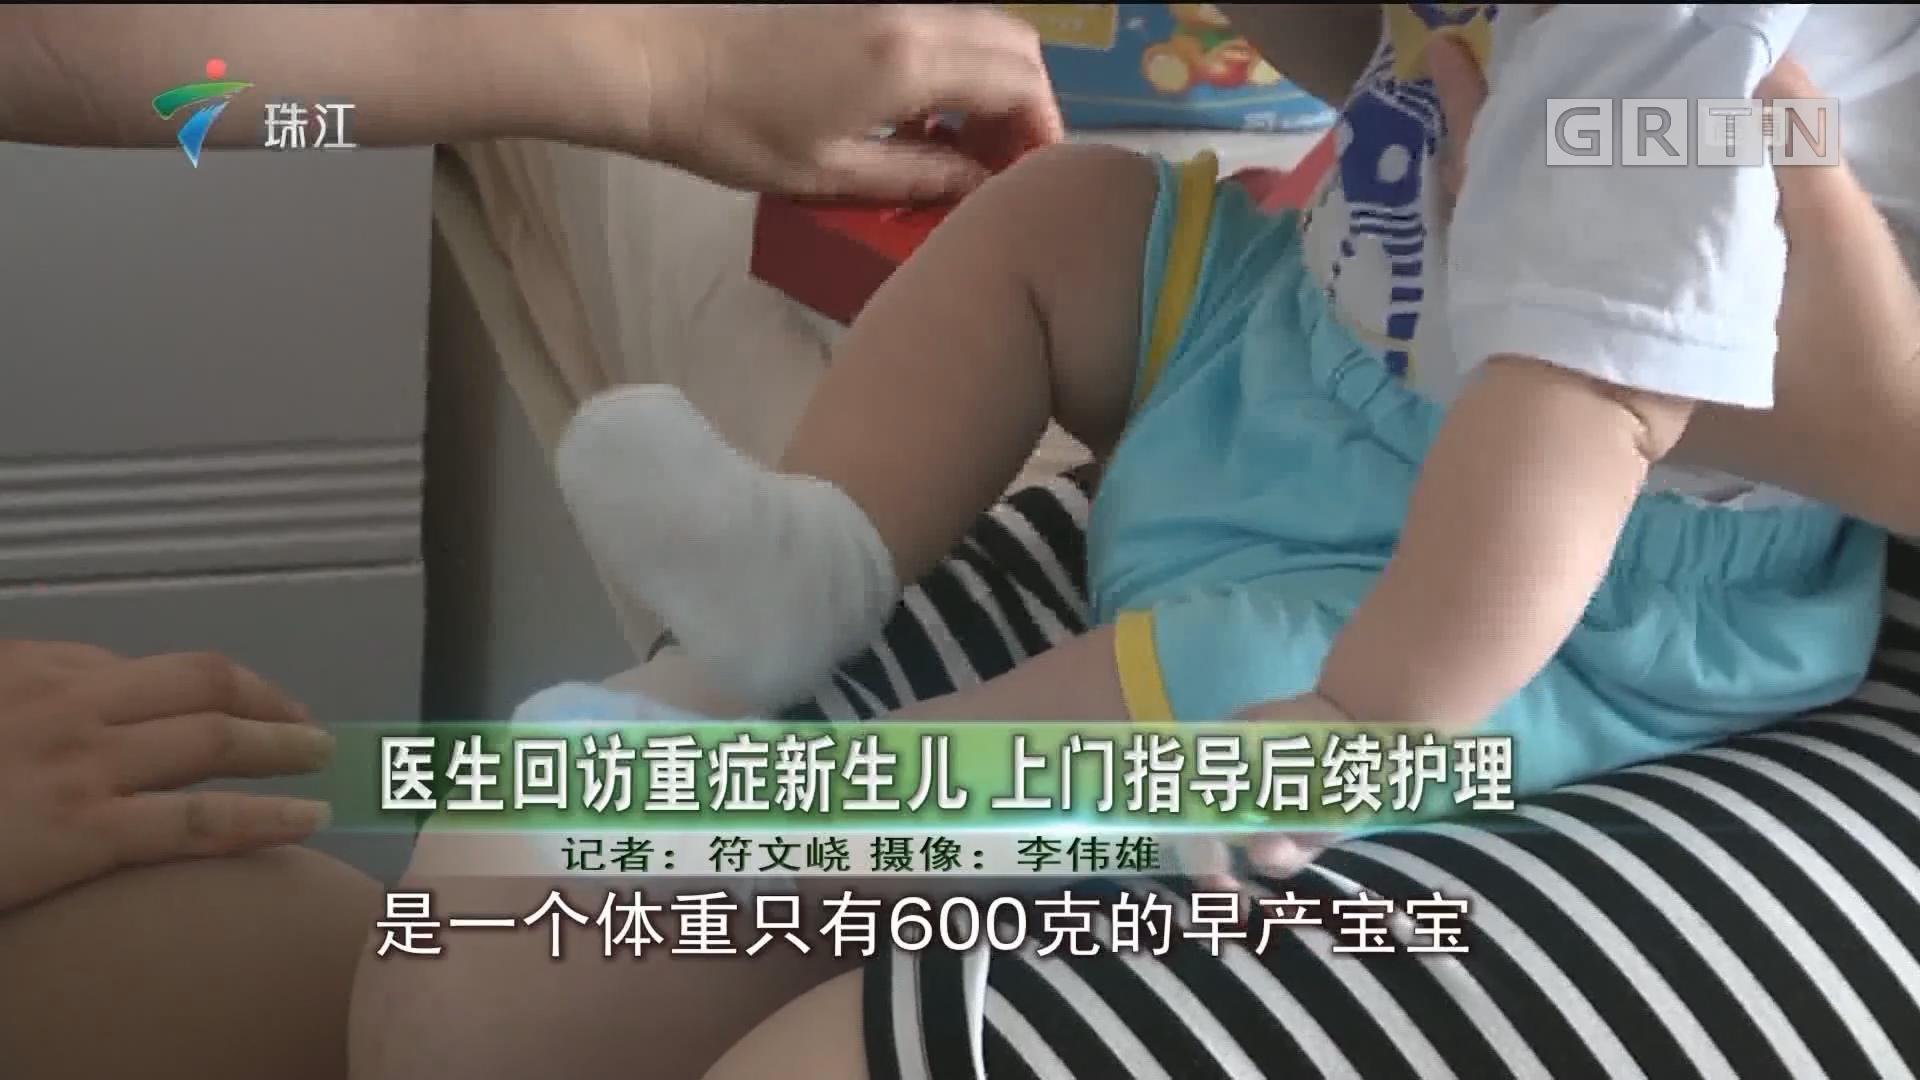 医生回访重症新生儿 上门指导后续护理